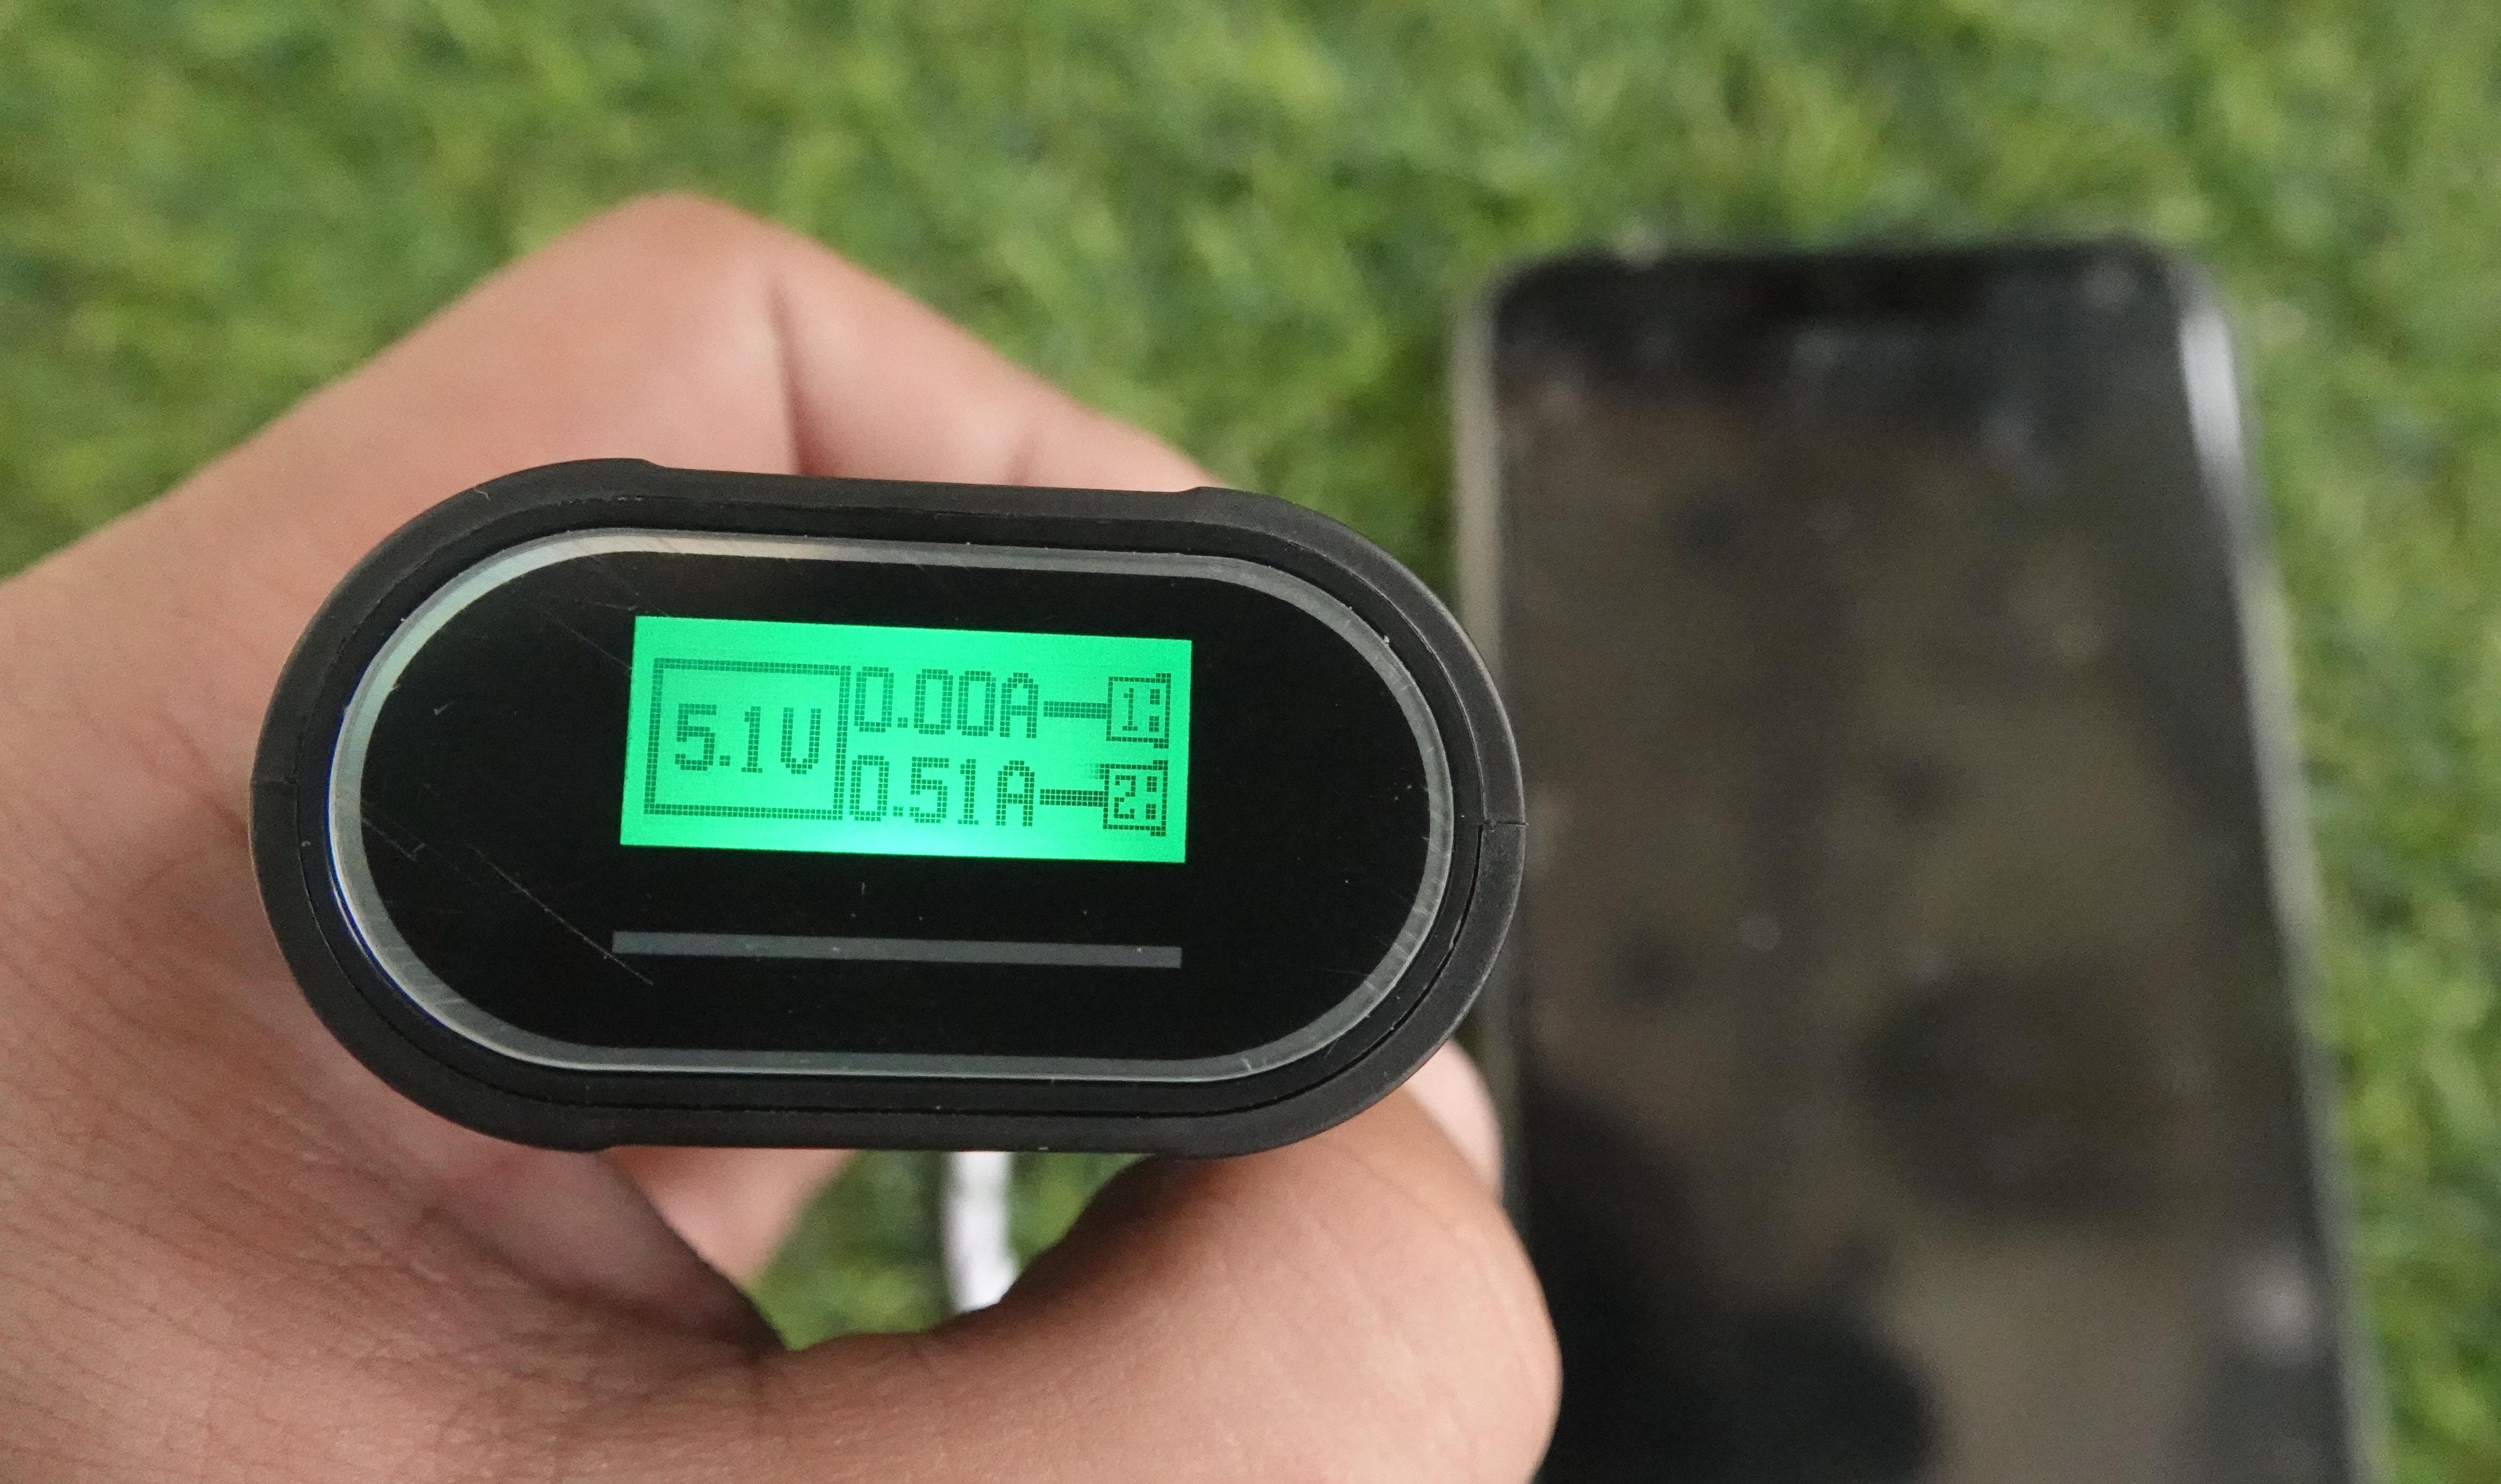 (Chưa Pin) Box Sạc Dự Phòng Đa năng BESTOCA 2Cell M2 Có Màn Hình Hiển Thị LCD-Hàng Chính Hãng